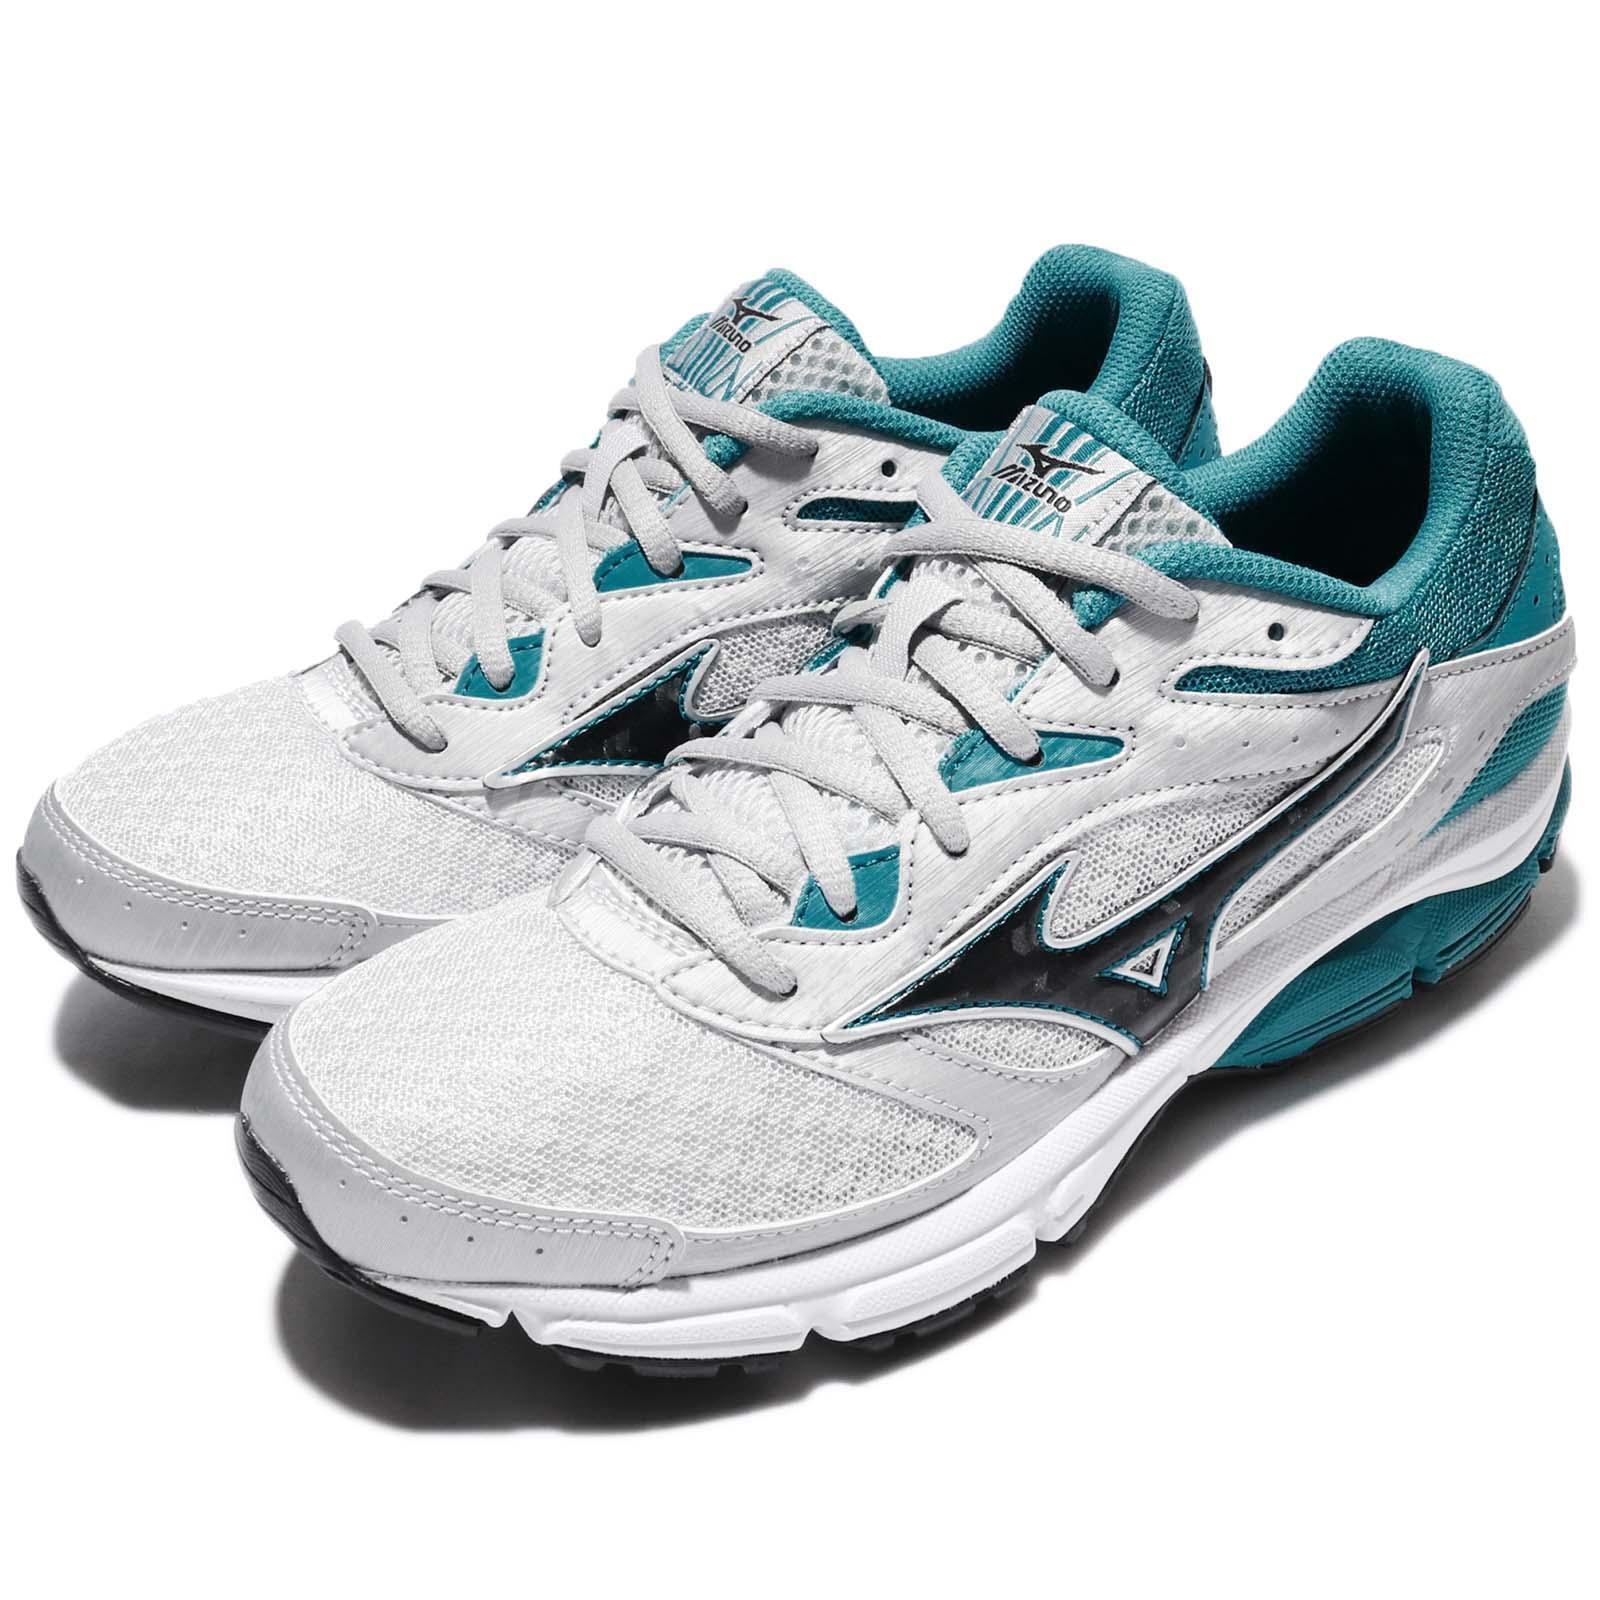 Mizuno Wave Surge grigio verde nero bianca donna Running scarpe Trainer J1GD17-1309